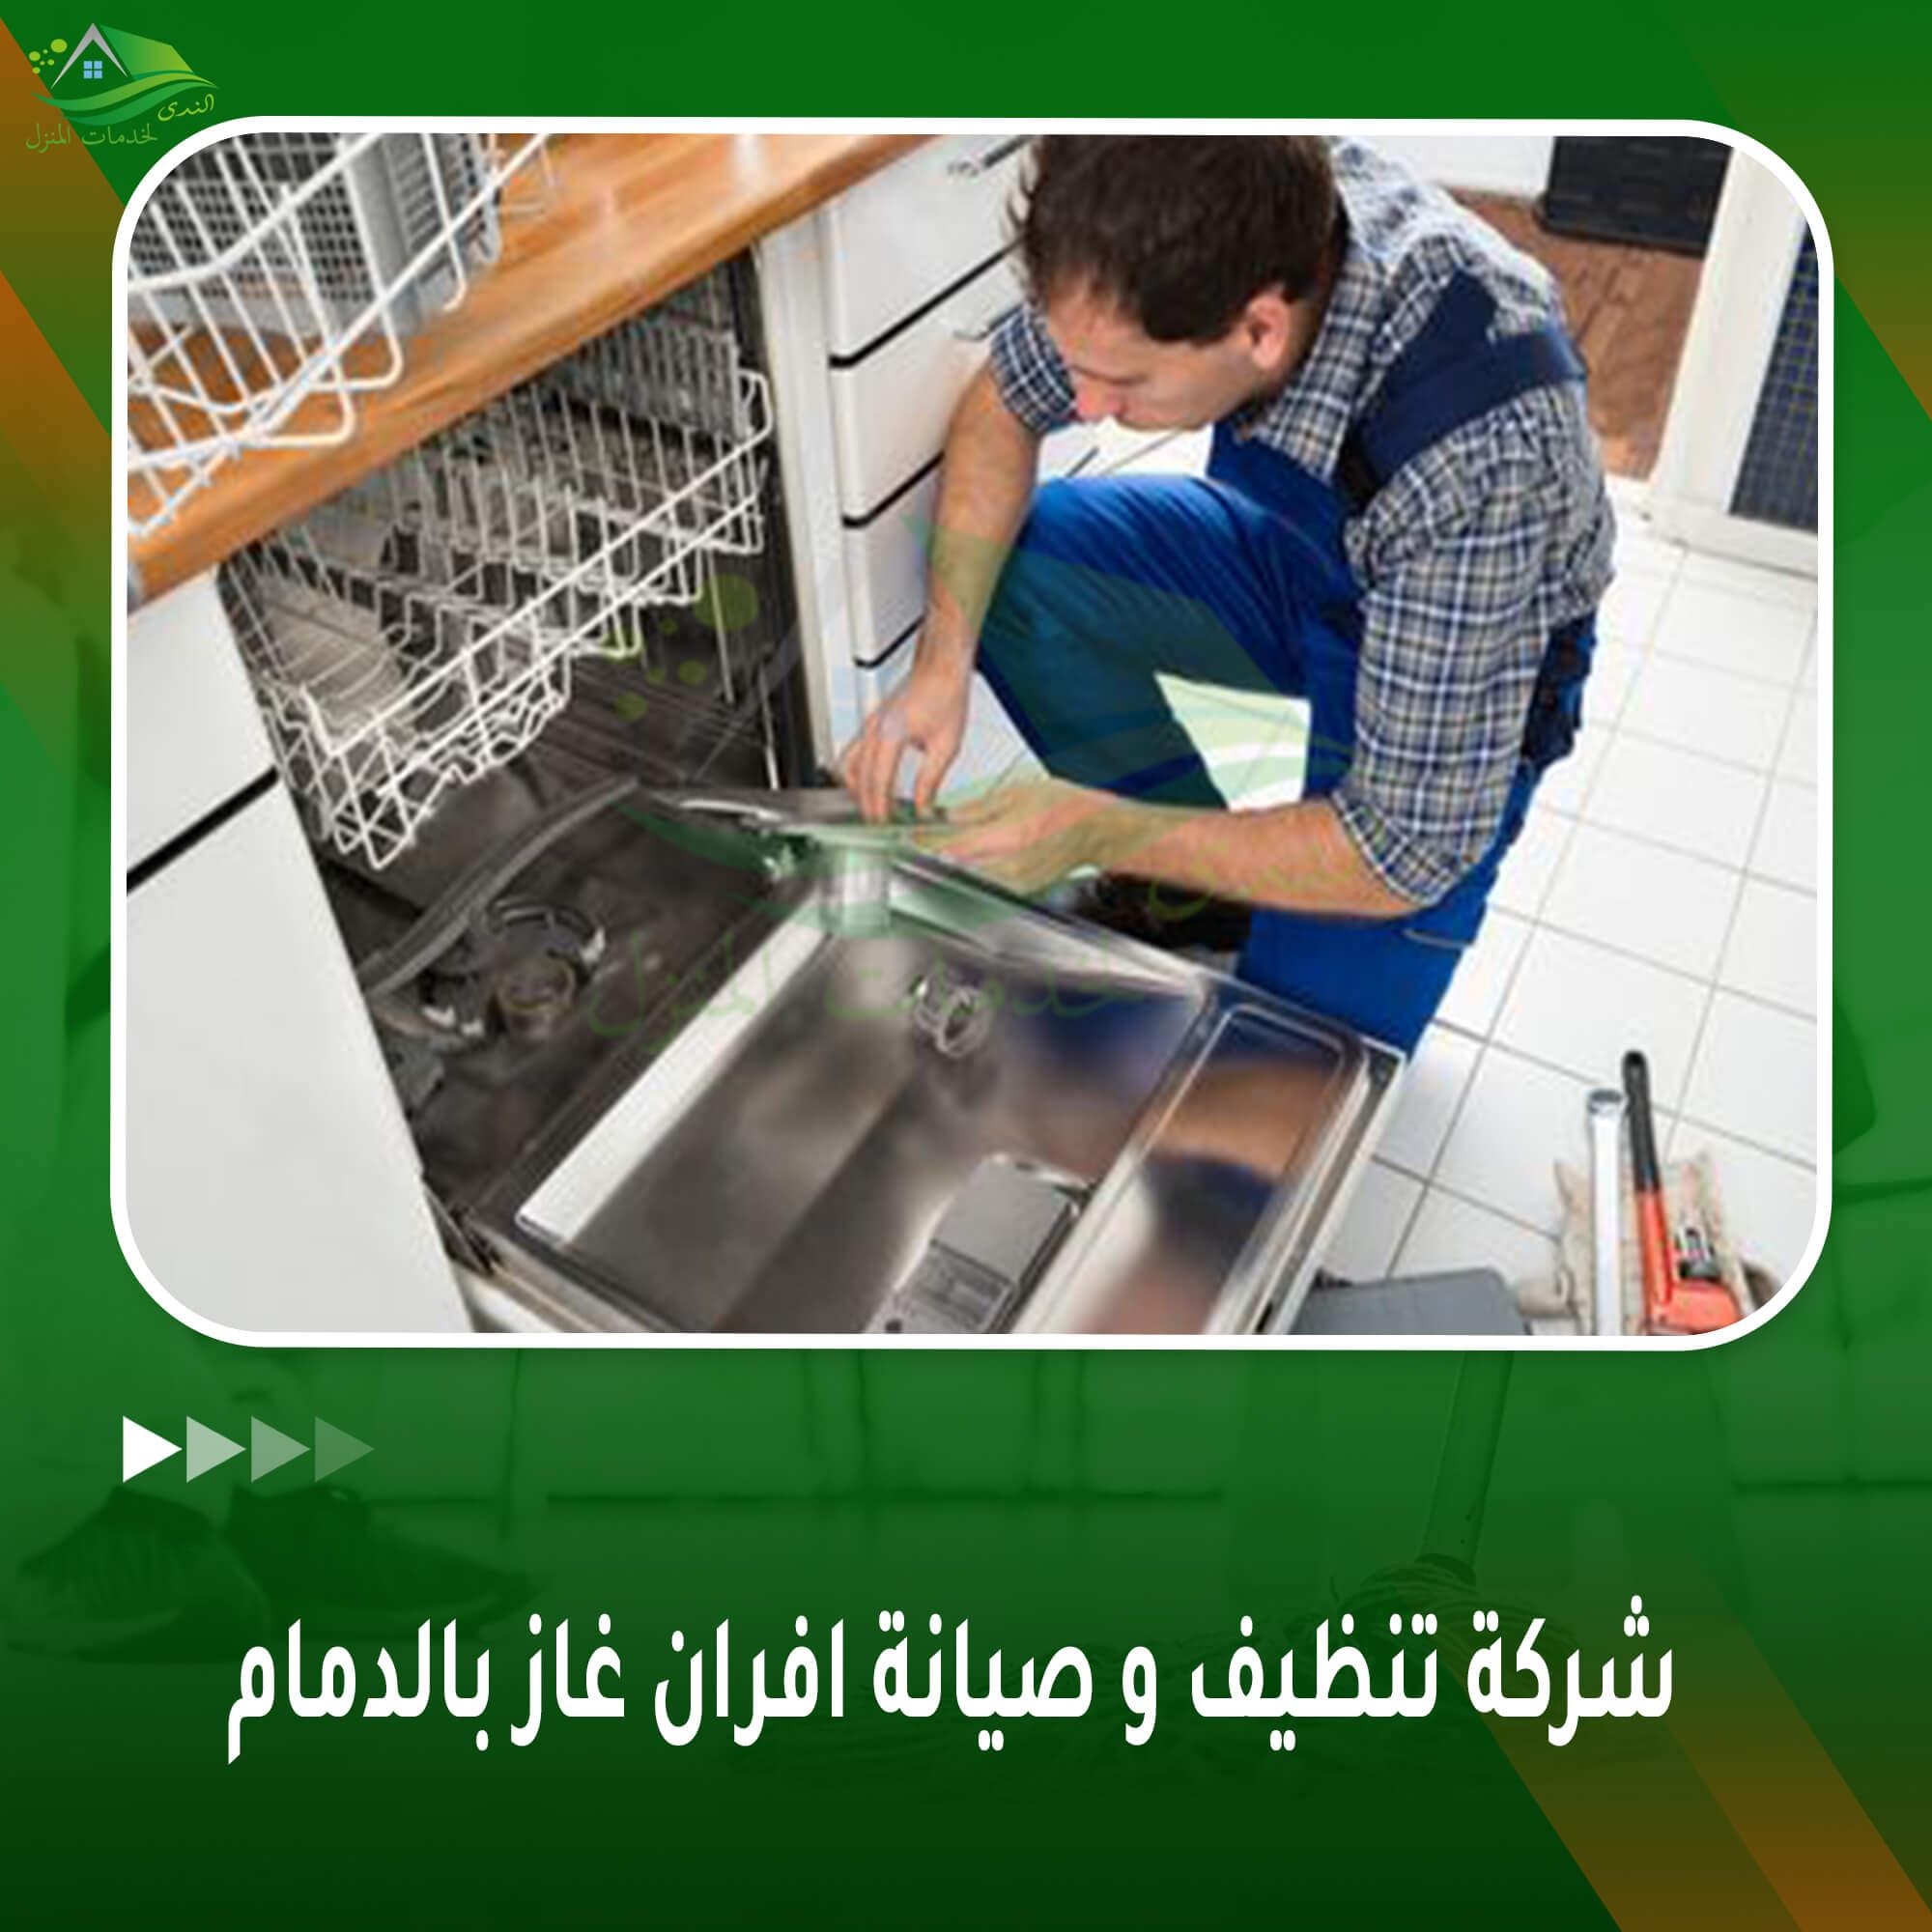 شركة تنظيف و صيانة افران غاز بالدمام